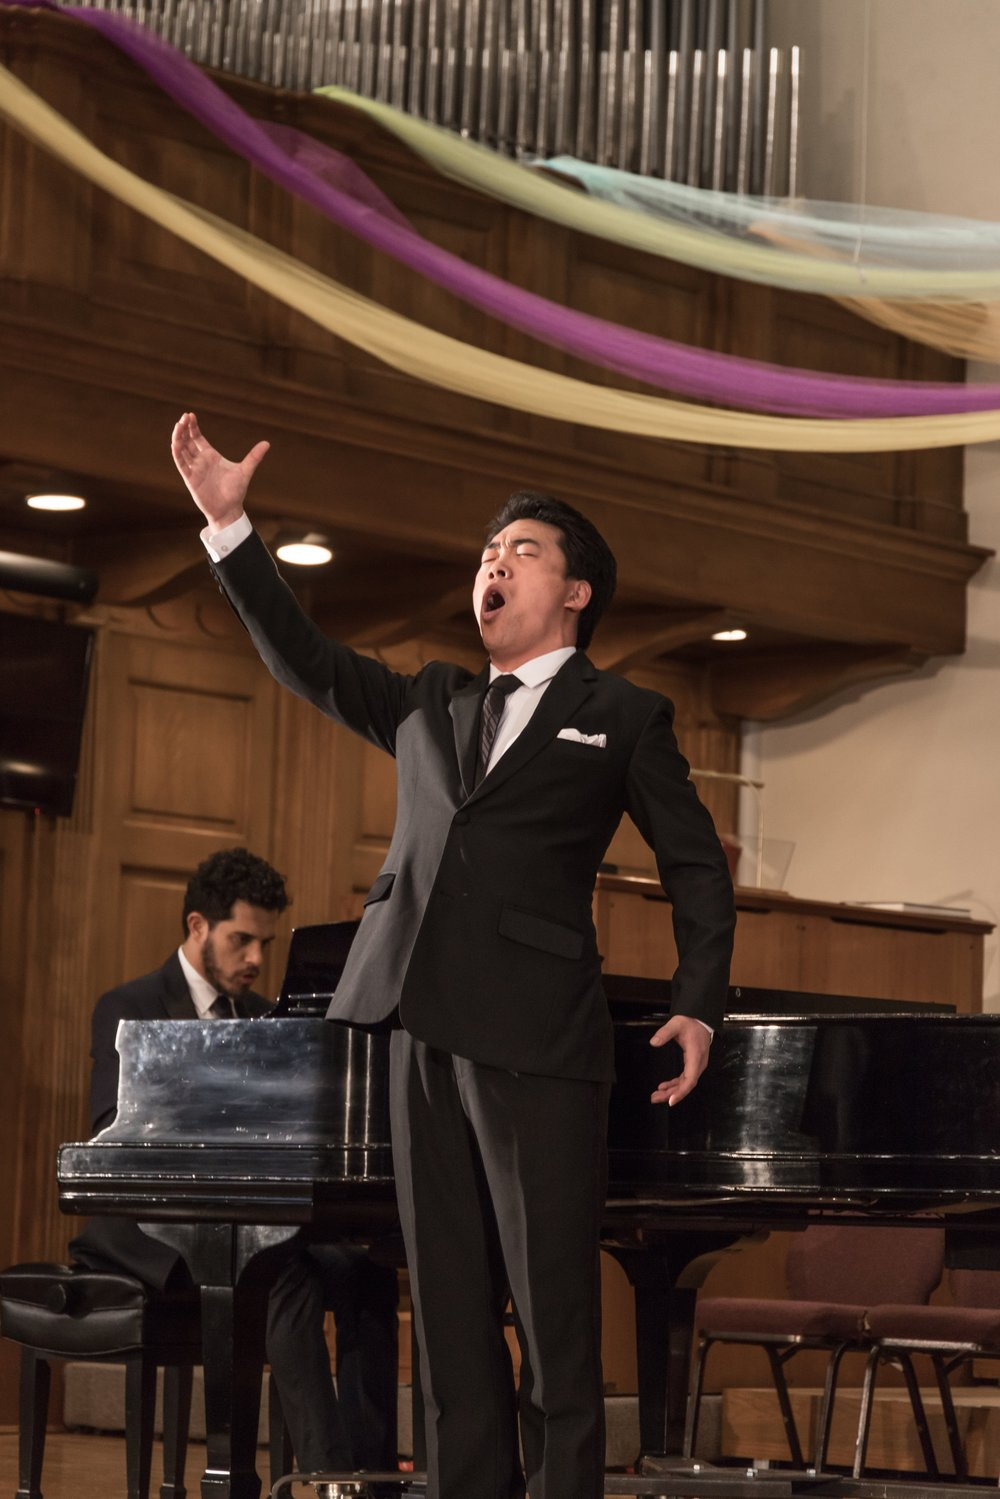 Chunlai Shang, baritone